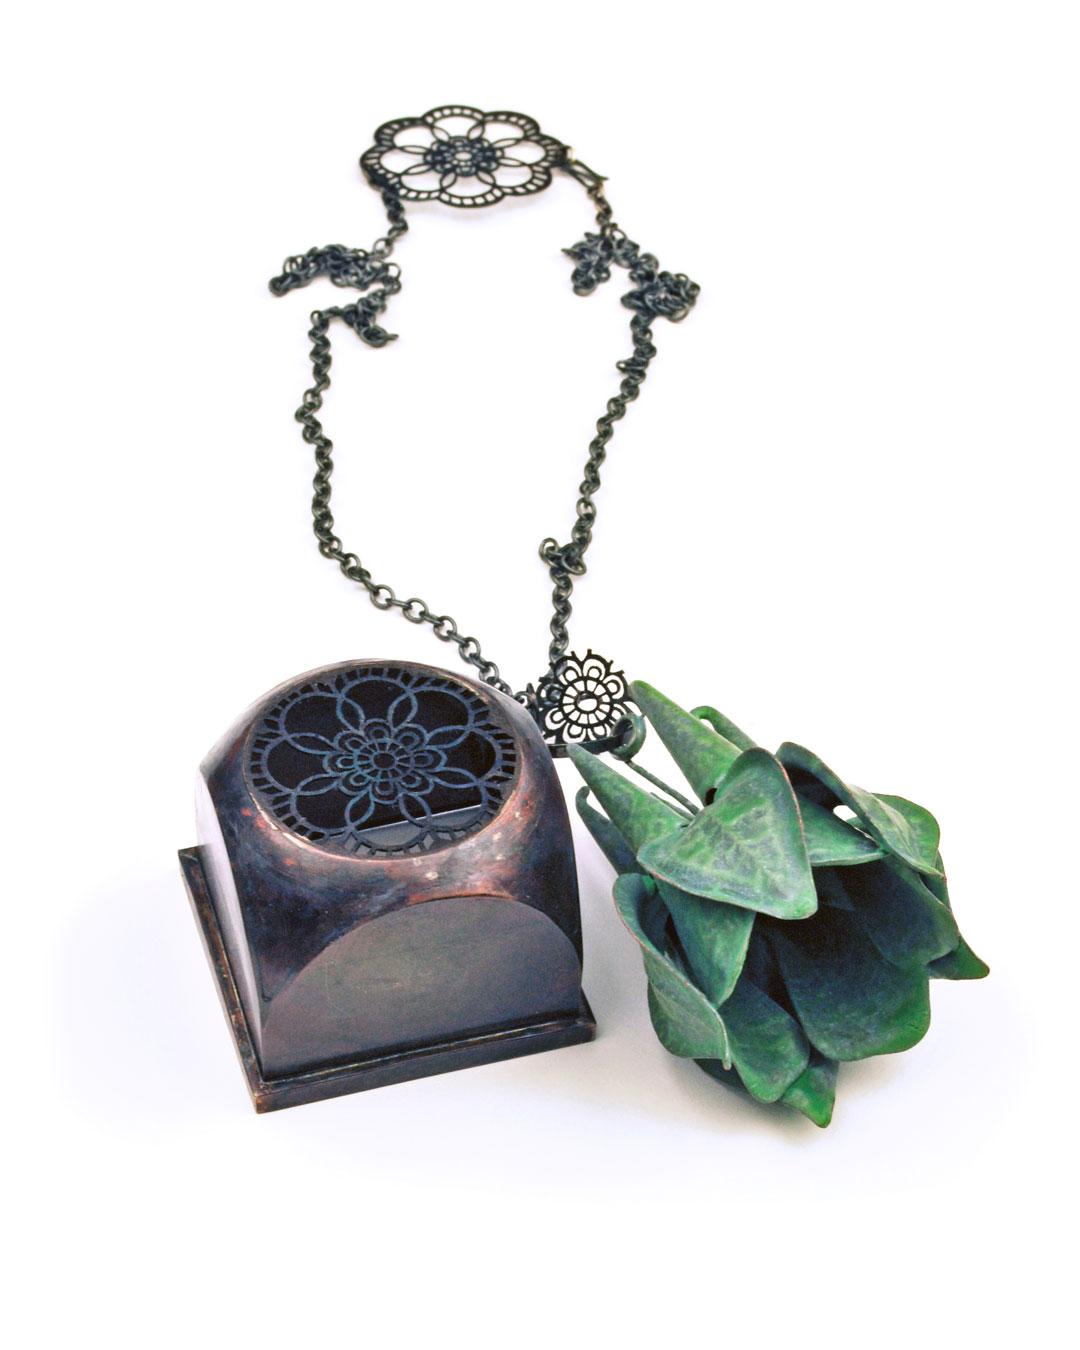 Vera Siemund, untitled, 2019, necklace; enamelled copper, copper, steel, silver, 100 x 60 x 40 mm, €1355